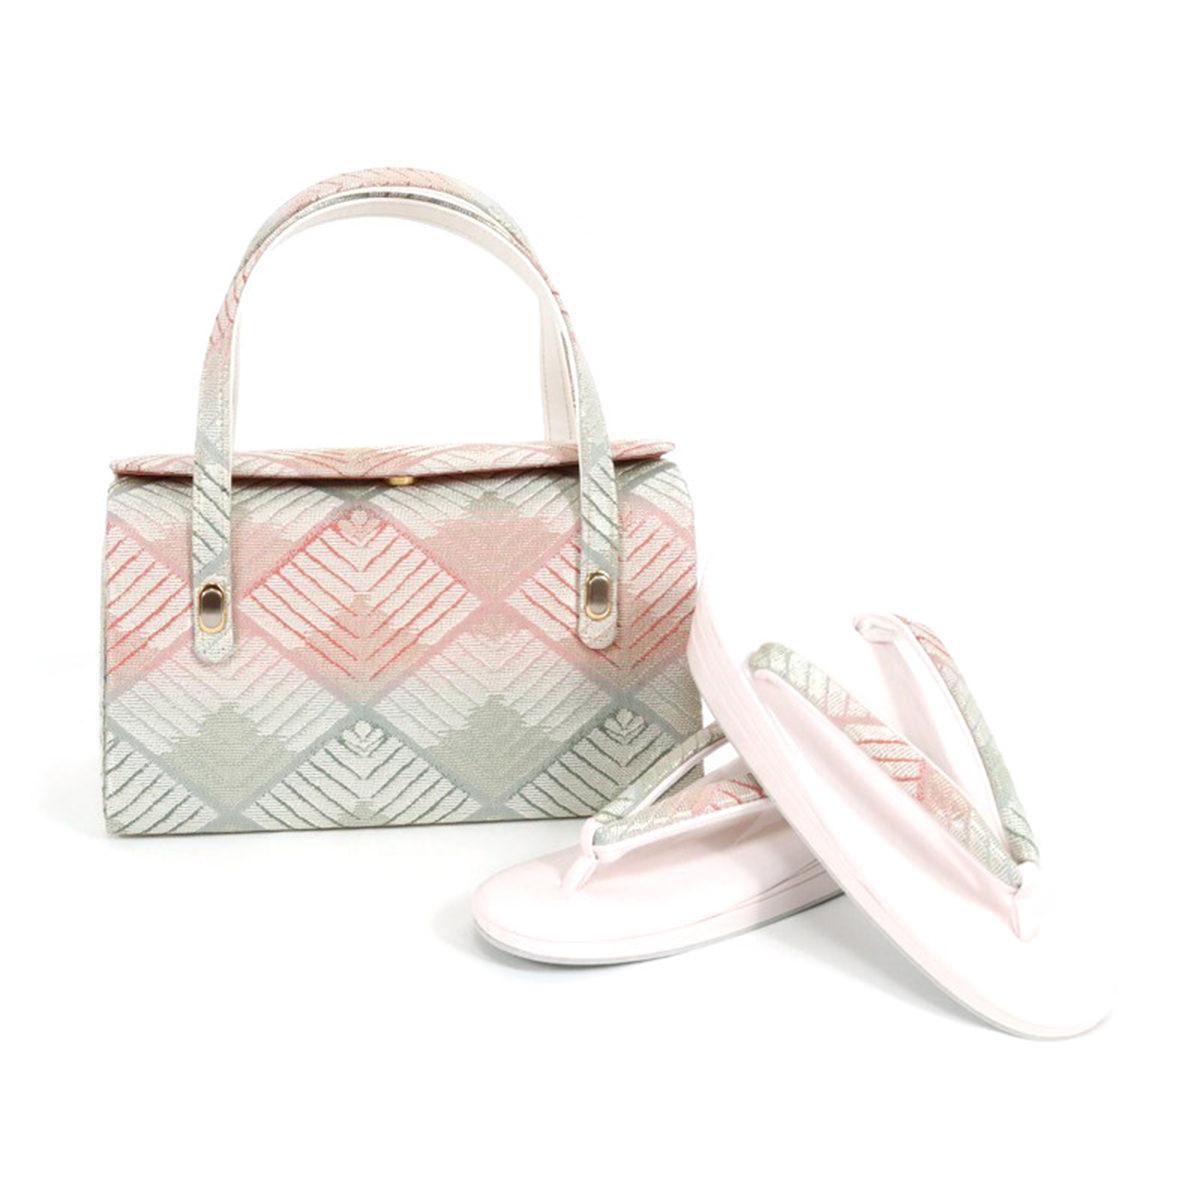 96616cb9960a78 和服でひとときの癒しの時間を 草履23.5cm 通販 フォーマル ピンク ...